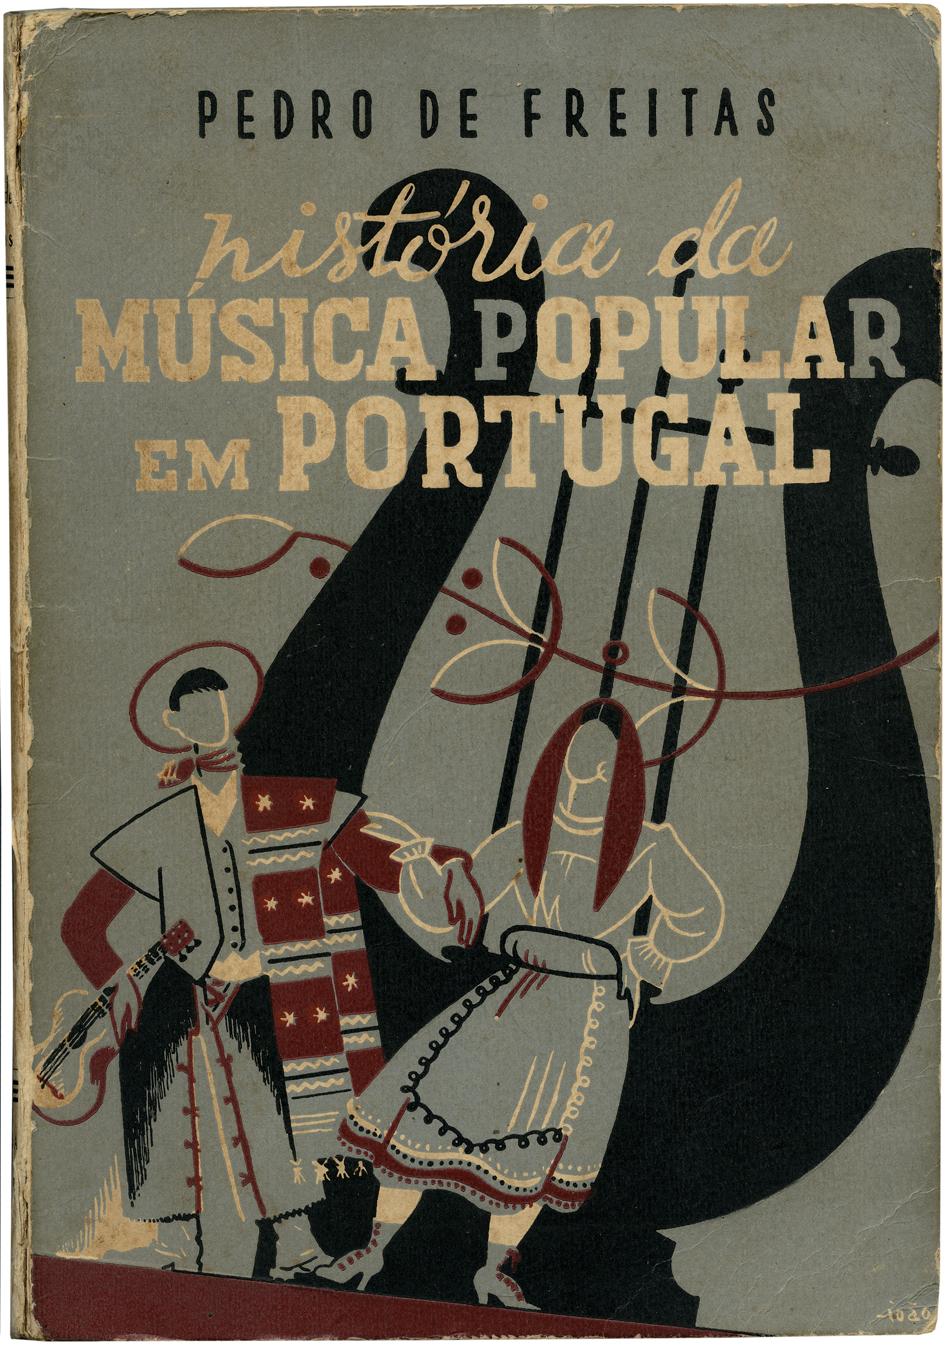 João Carlos música popular em portugal 1946